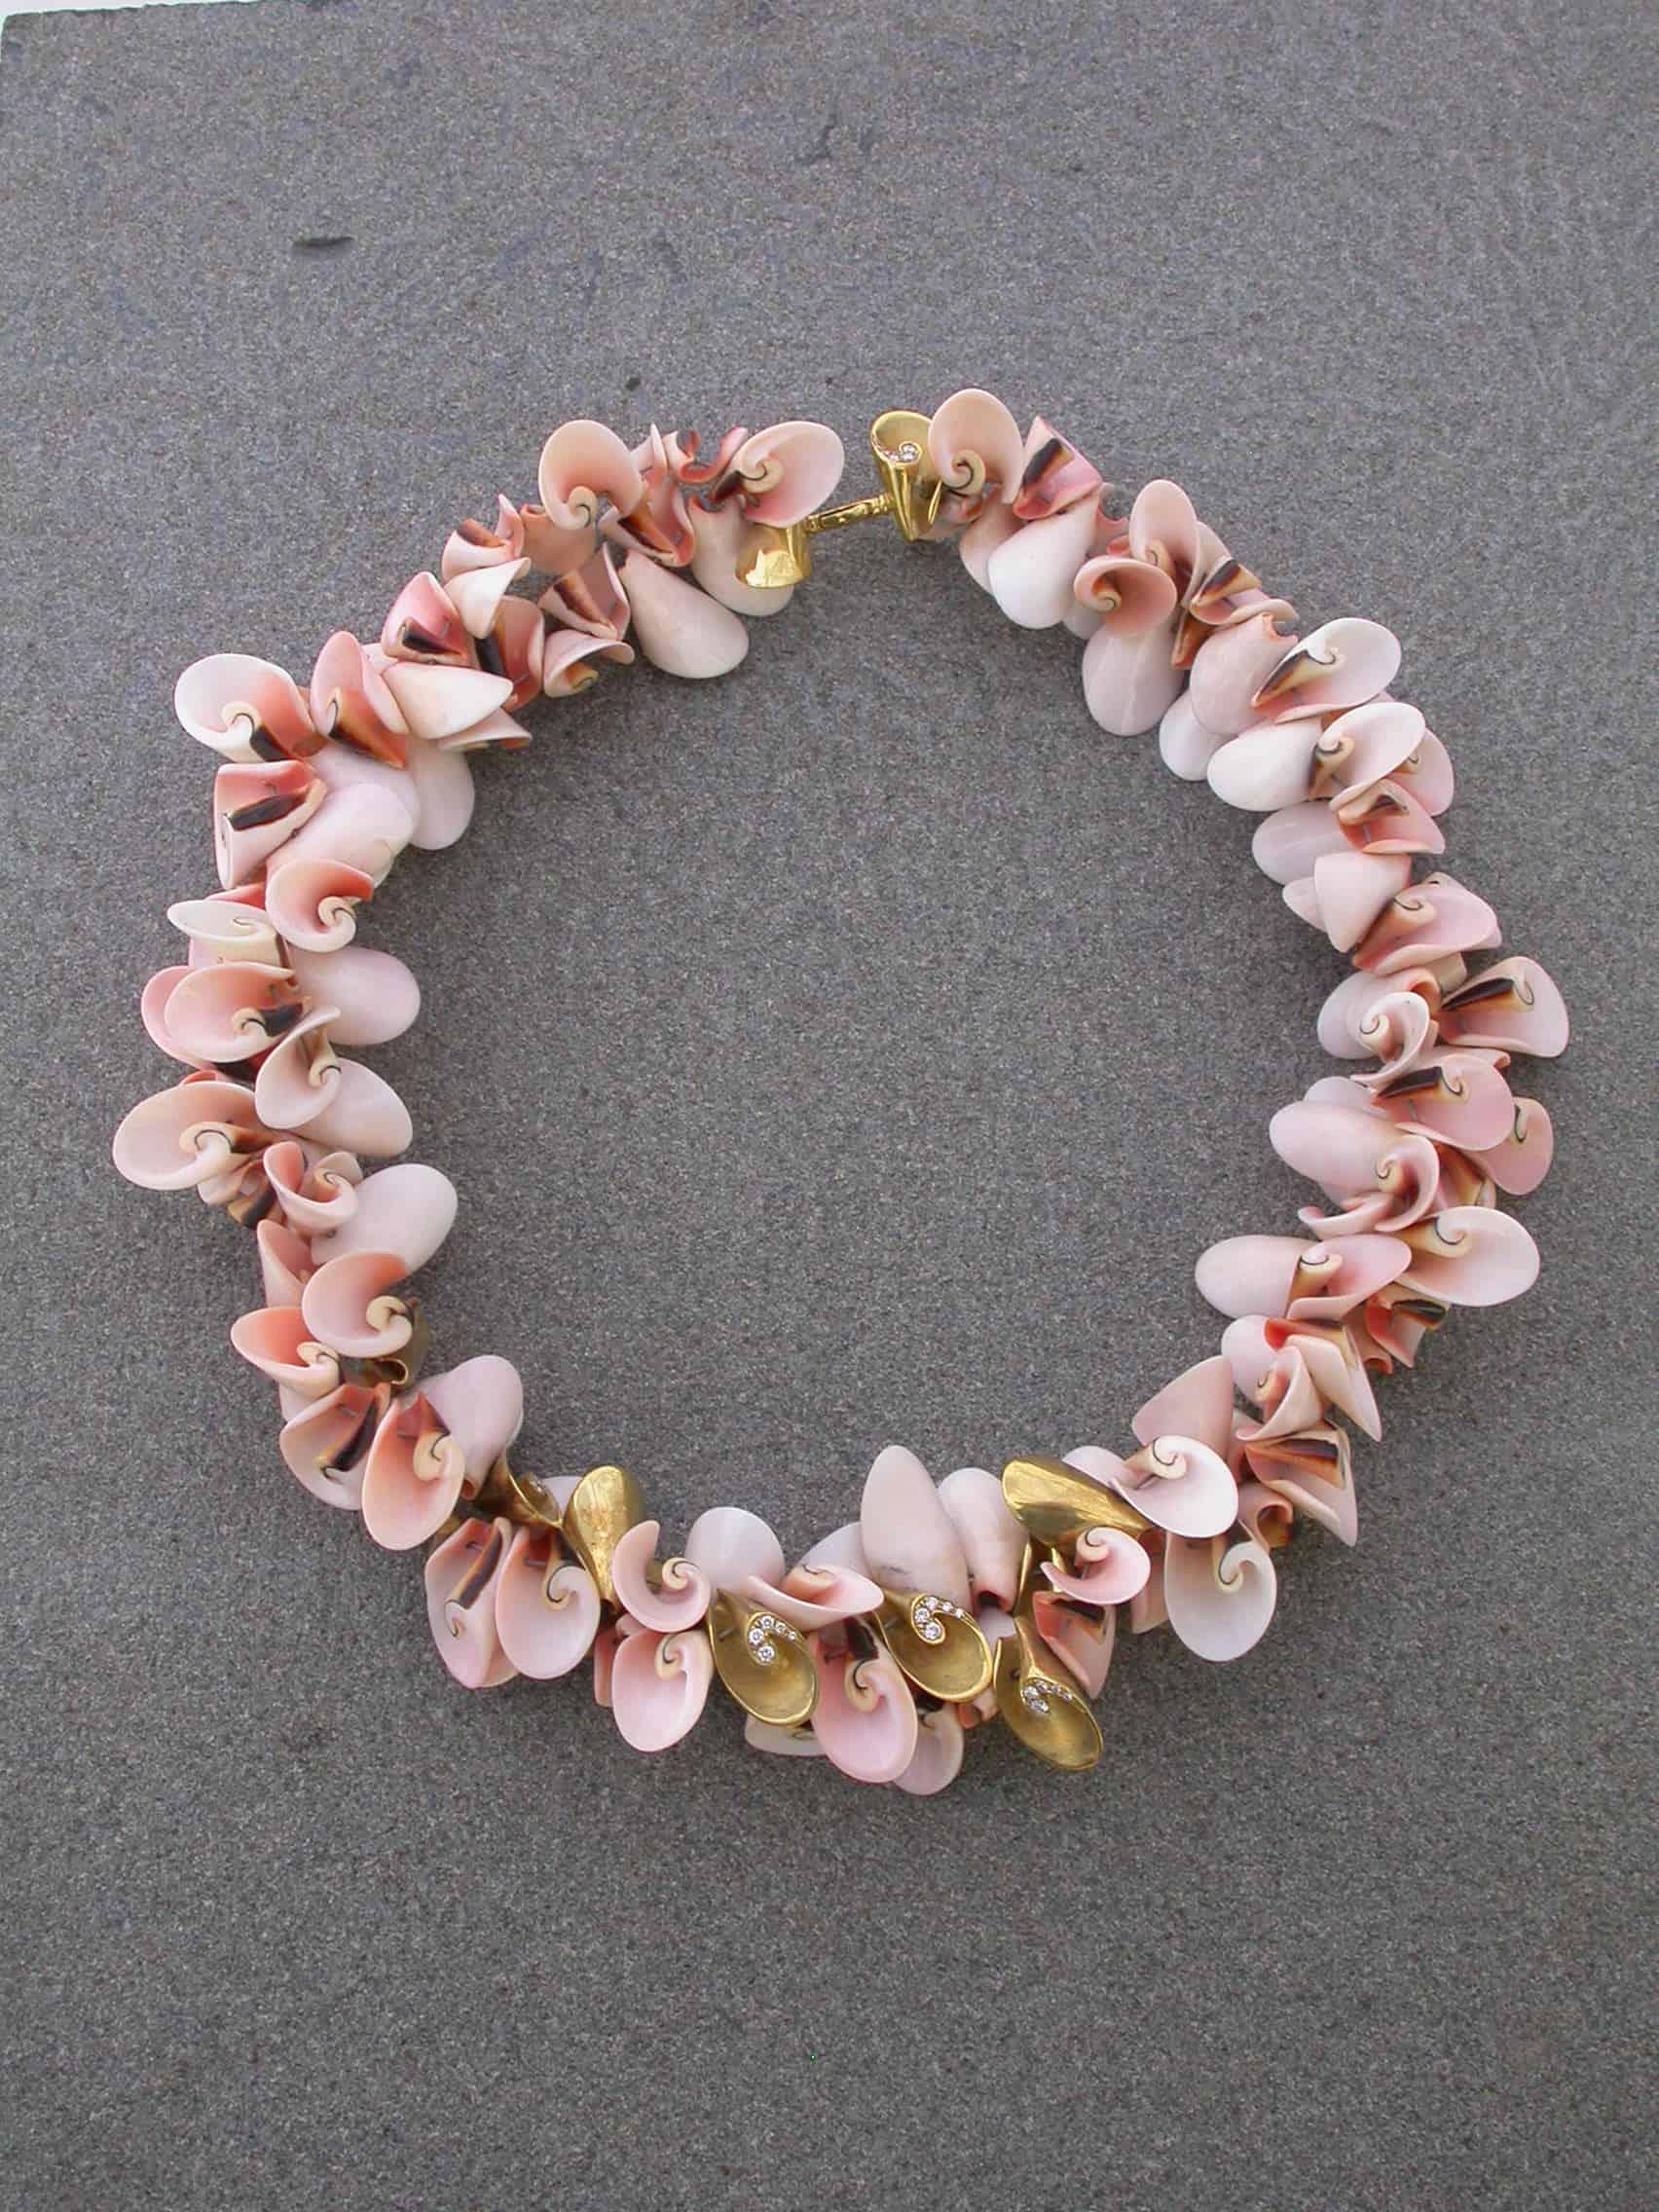 Unique-necklaces-shells-shells-diamonds-18k-gold-2